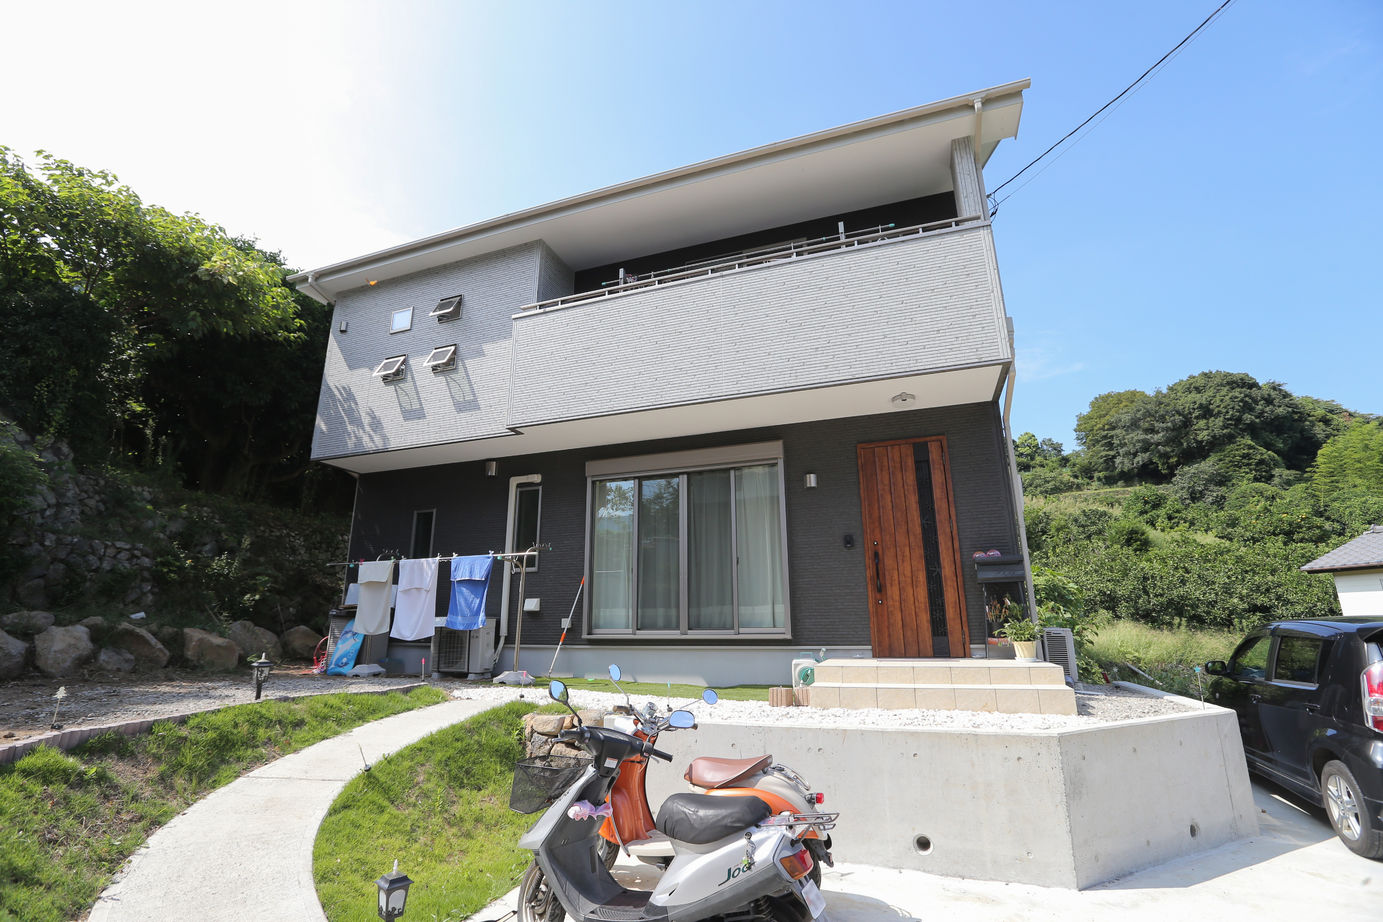 海を望め陽光差し込む邸宅、太陽光発電で光熱費を抑えるエコ住宅画像2